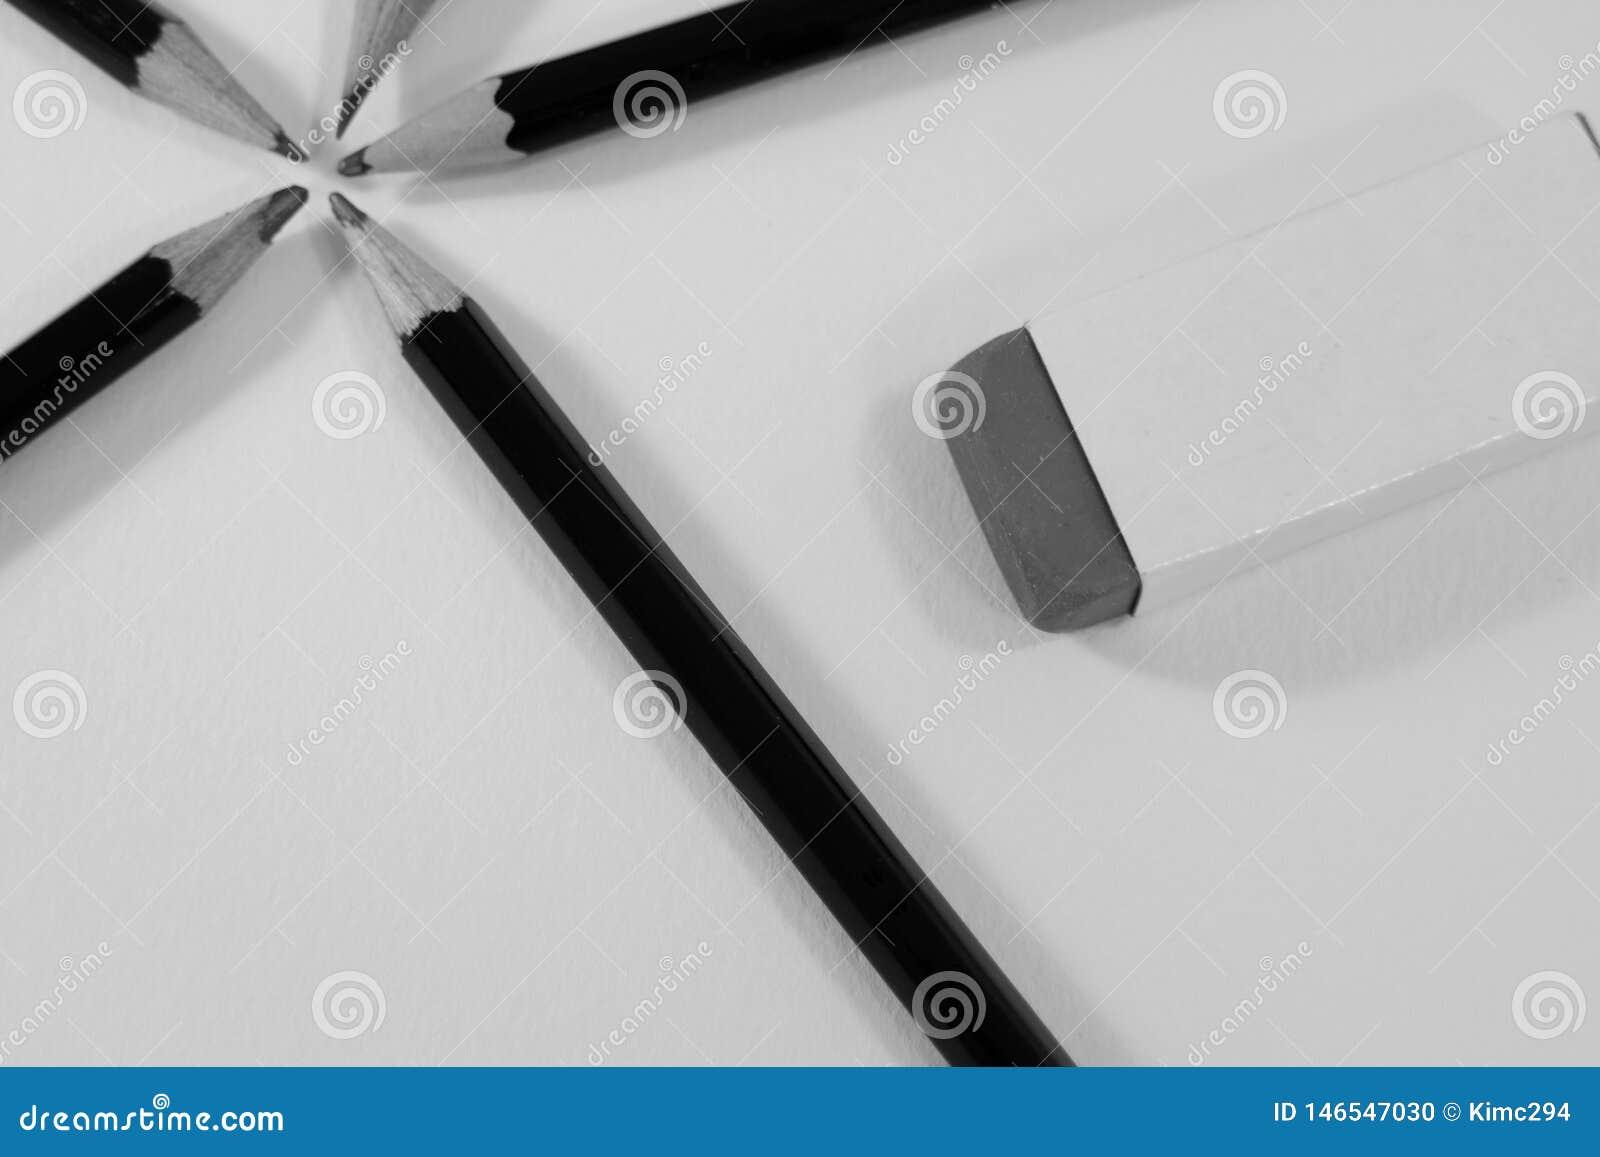 Γραφίτης που σκιαγραφεί τα μολύβια σε έναν κύκλο και μια γόμα